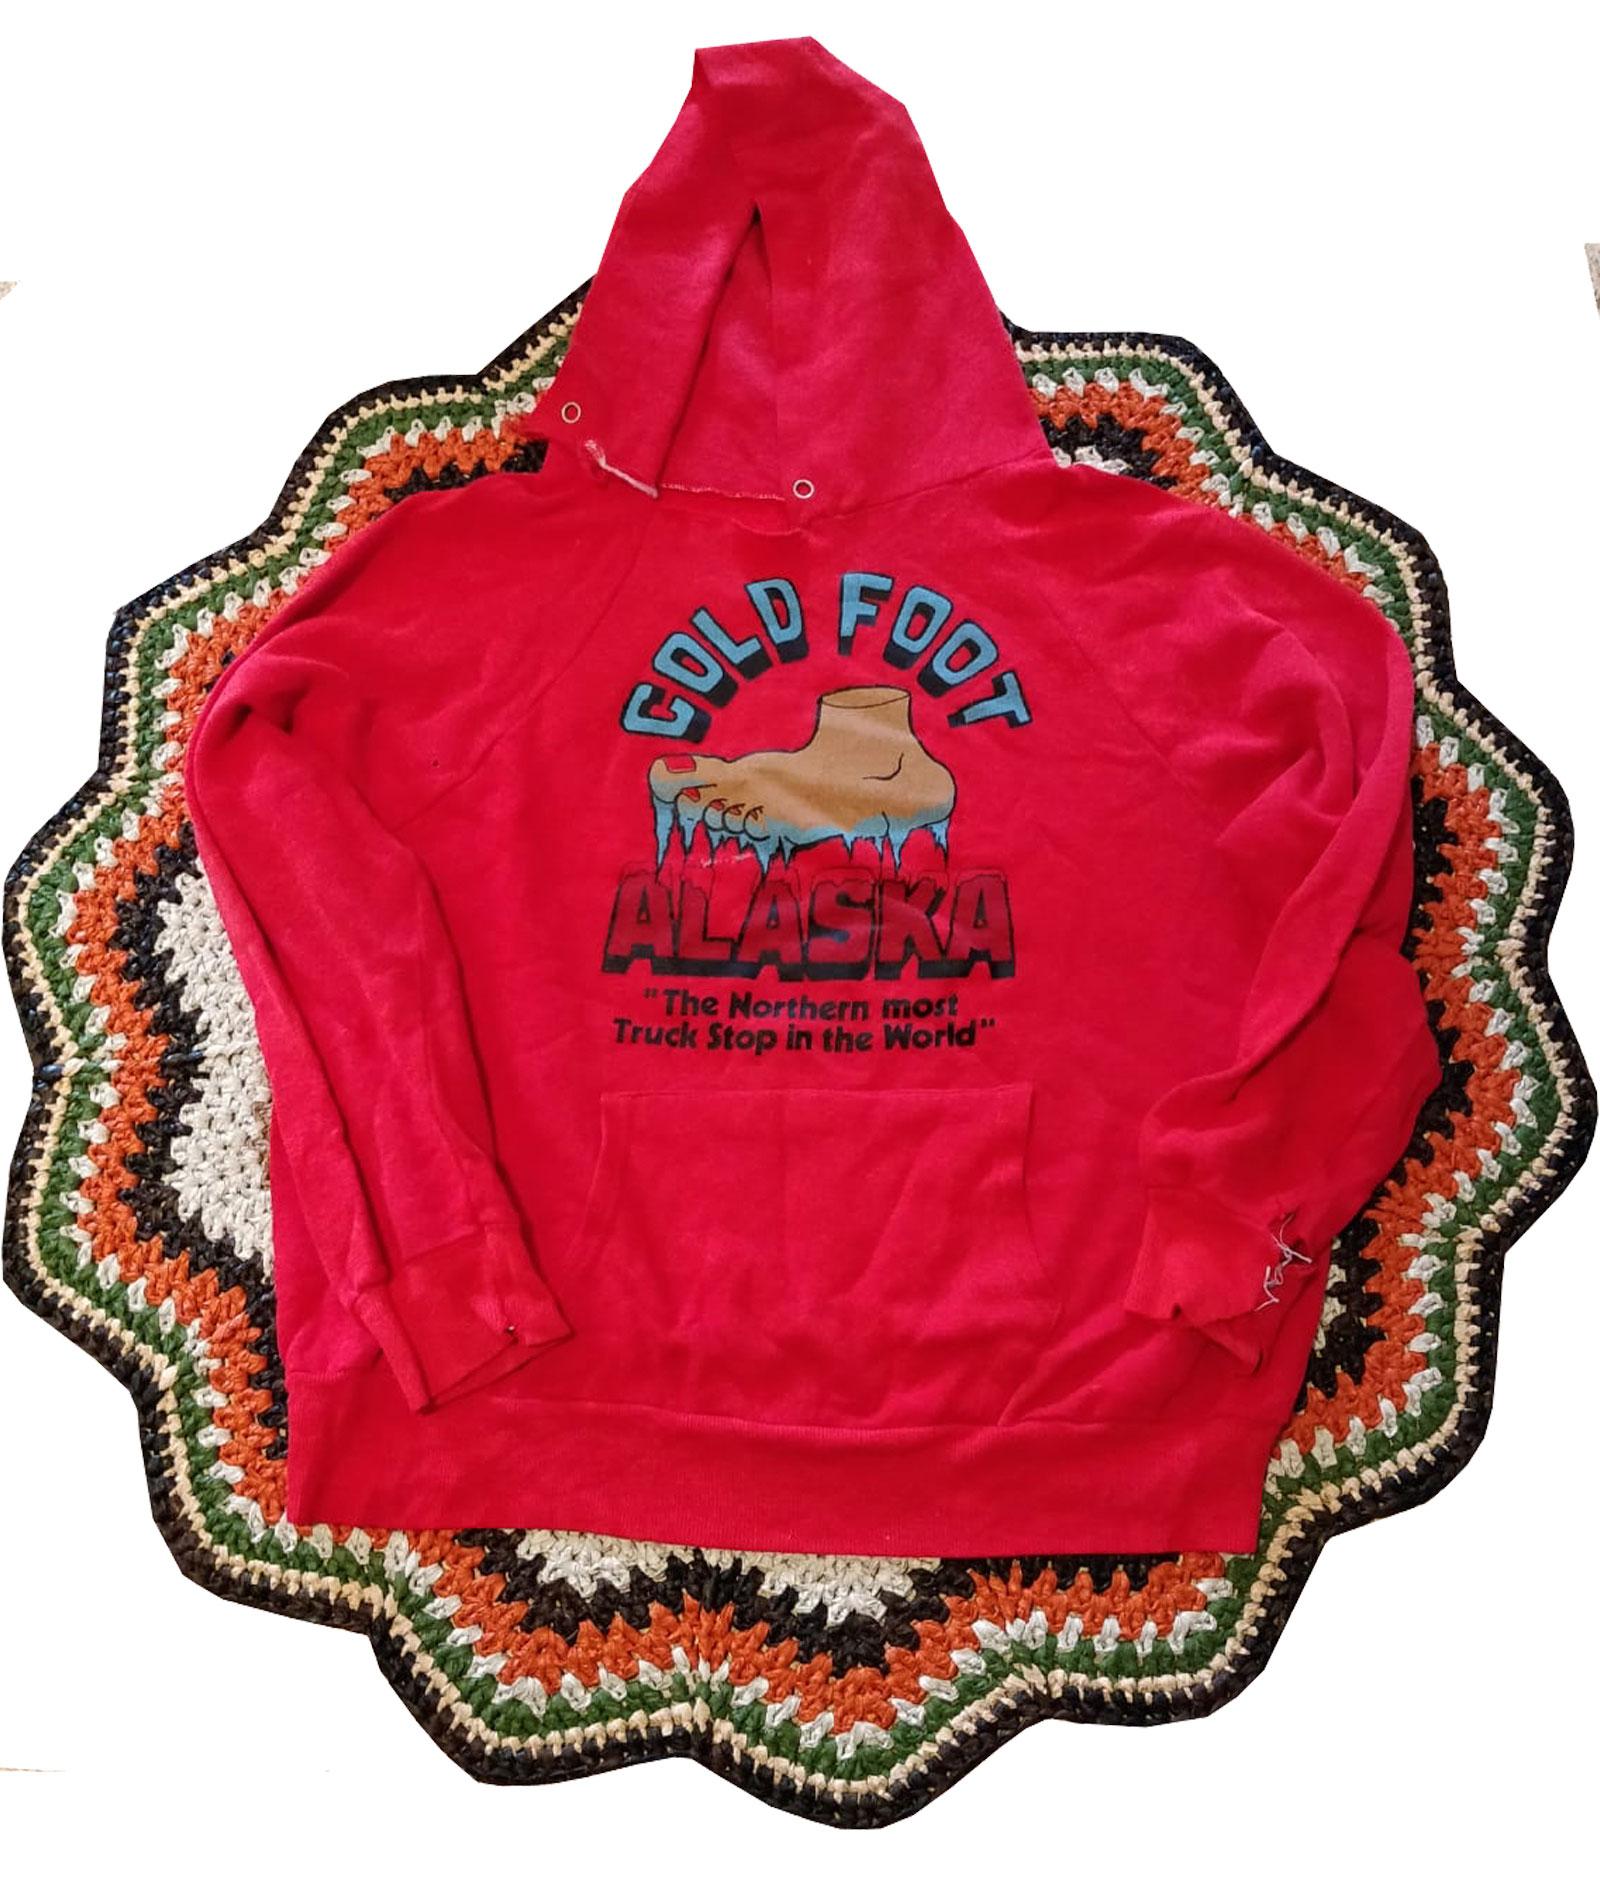 En röd luvtröja med ett motiv tryckt på ryggen – en infrusen fot och texten Cold Foot Alaska.